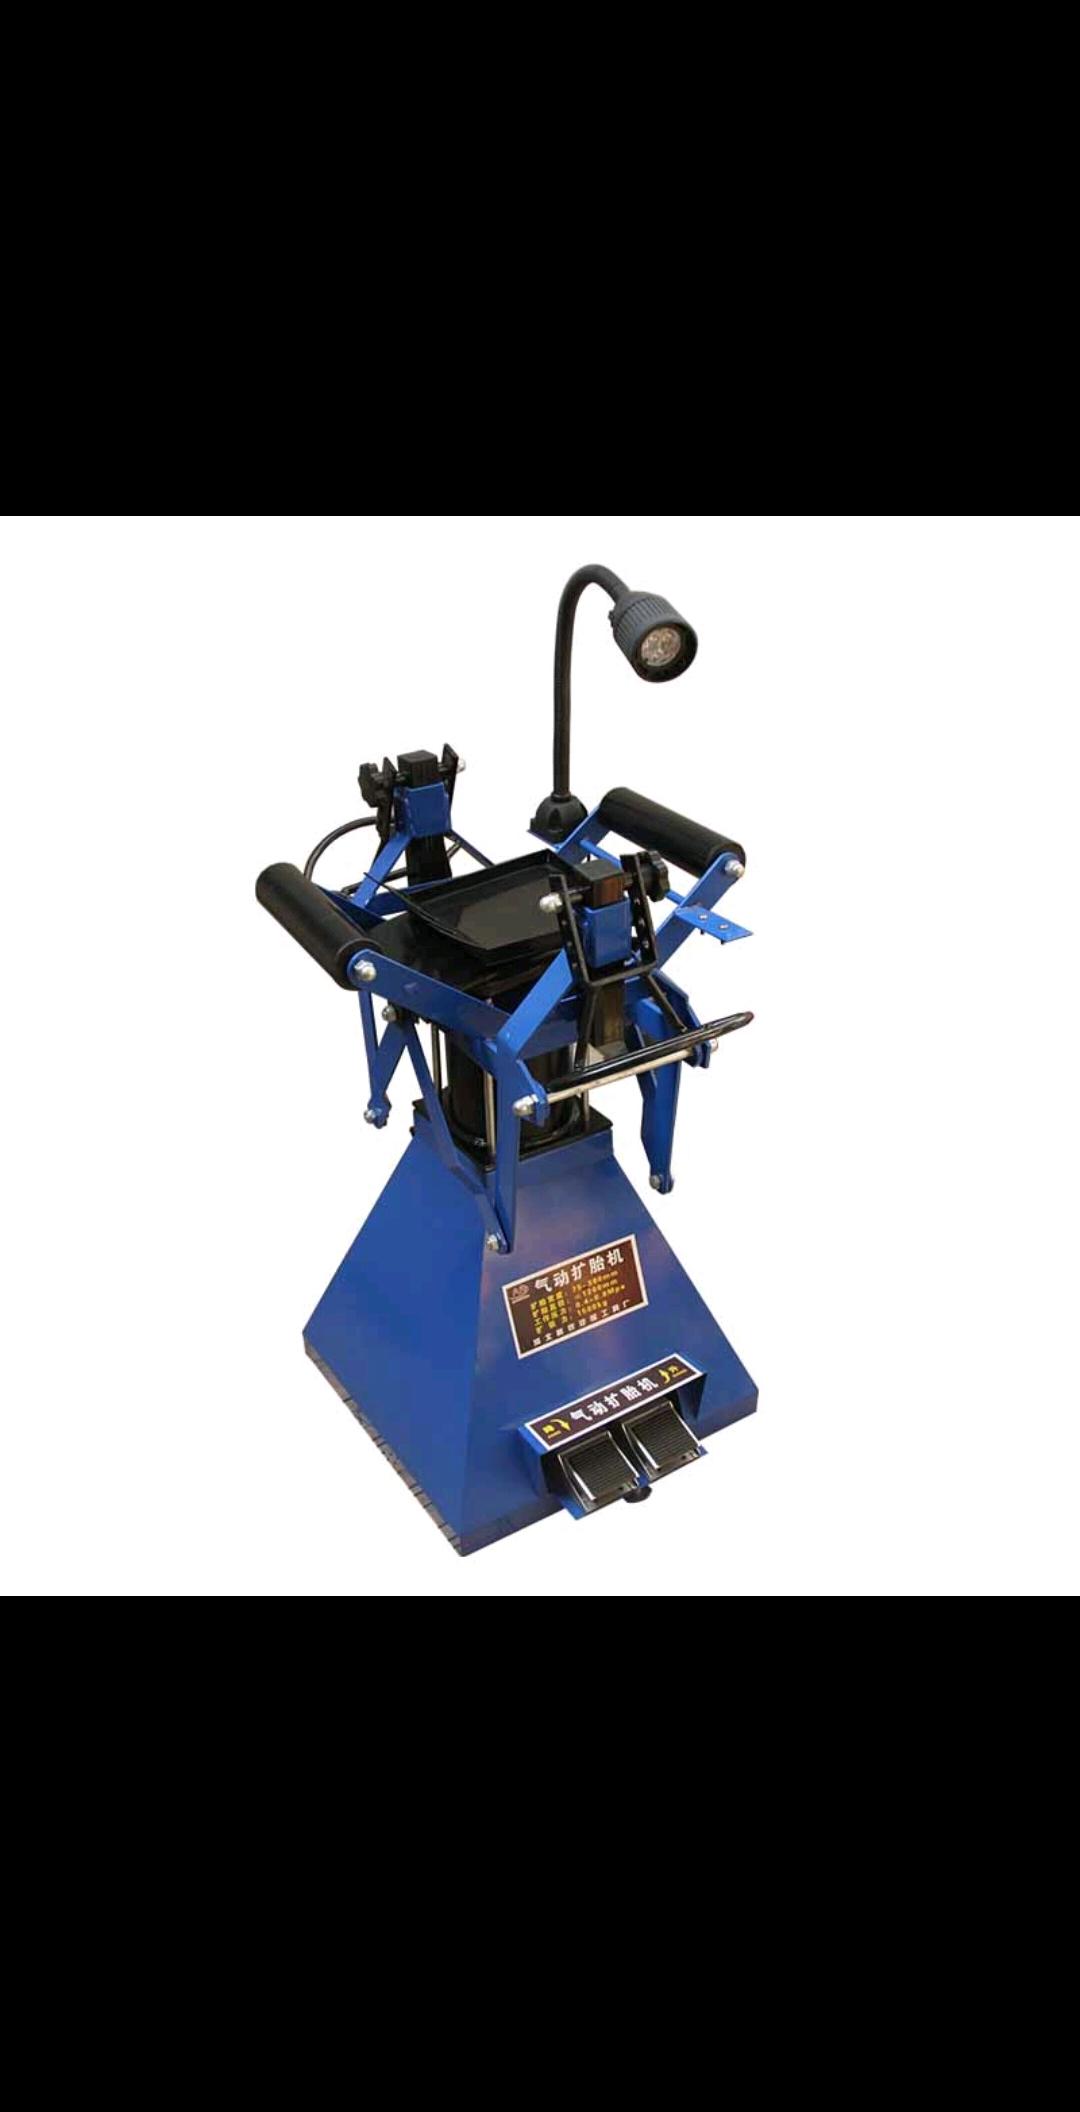 轮胎撑开器脚踏式气动扩胎机轮胎撑开器汽修补胎设备带灯自动扩胎器